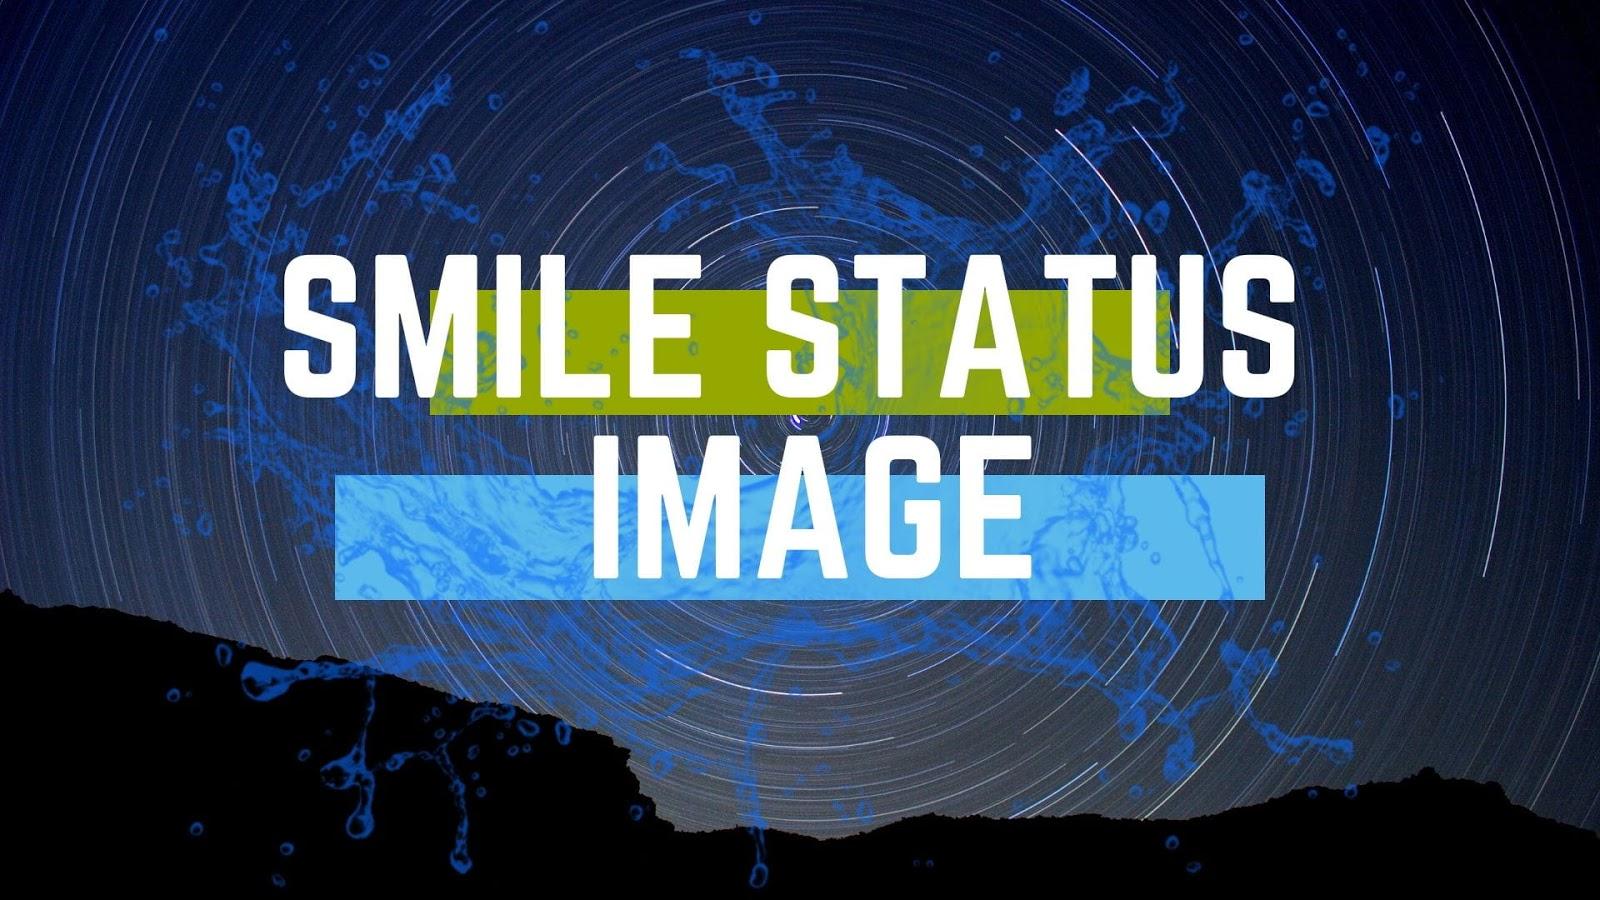 Smile Status Images